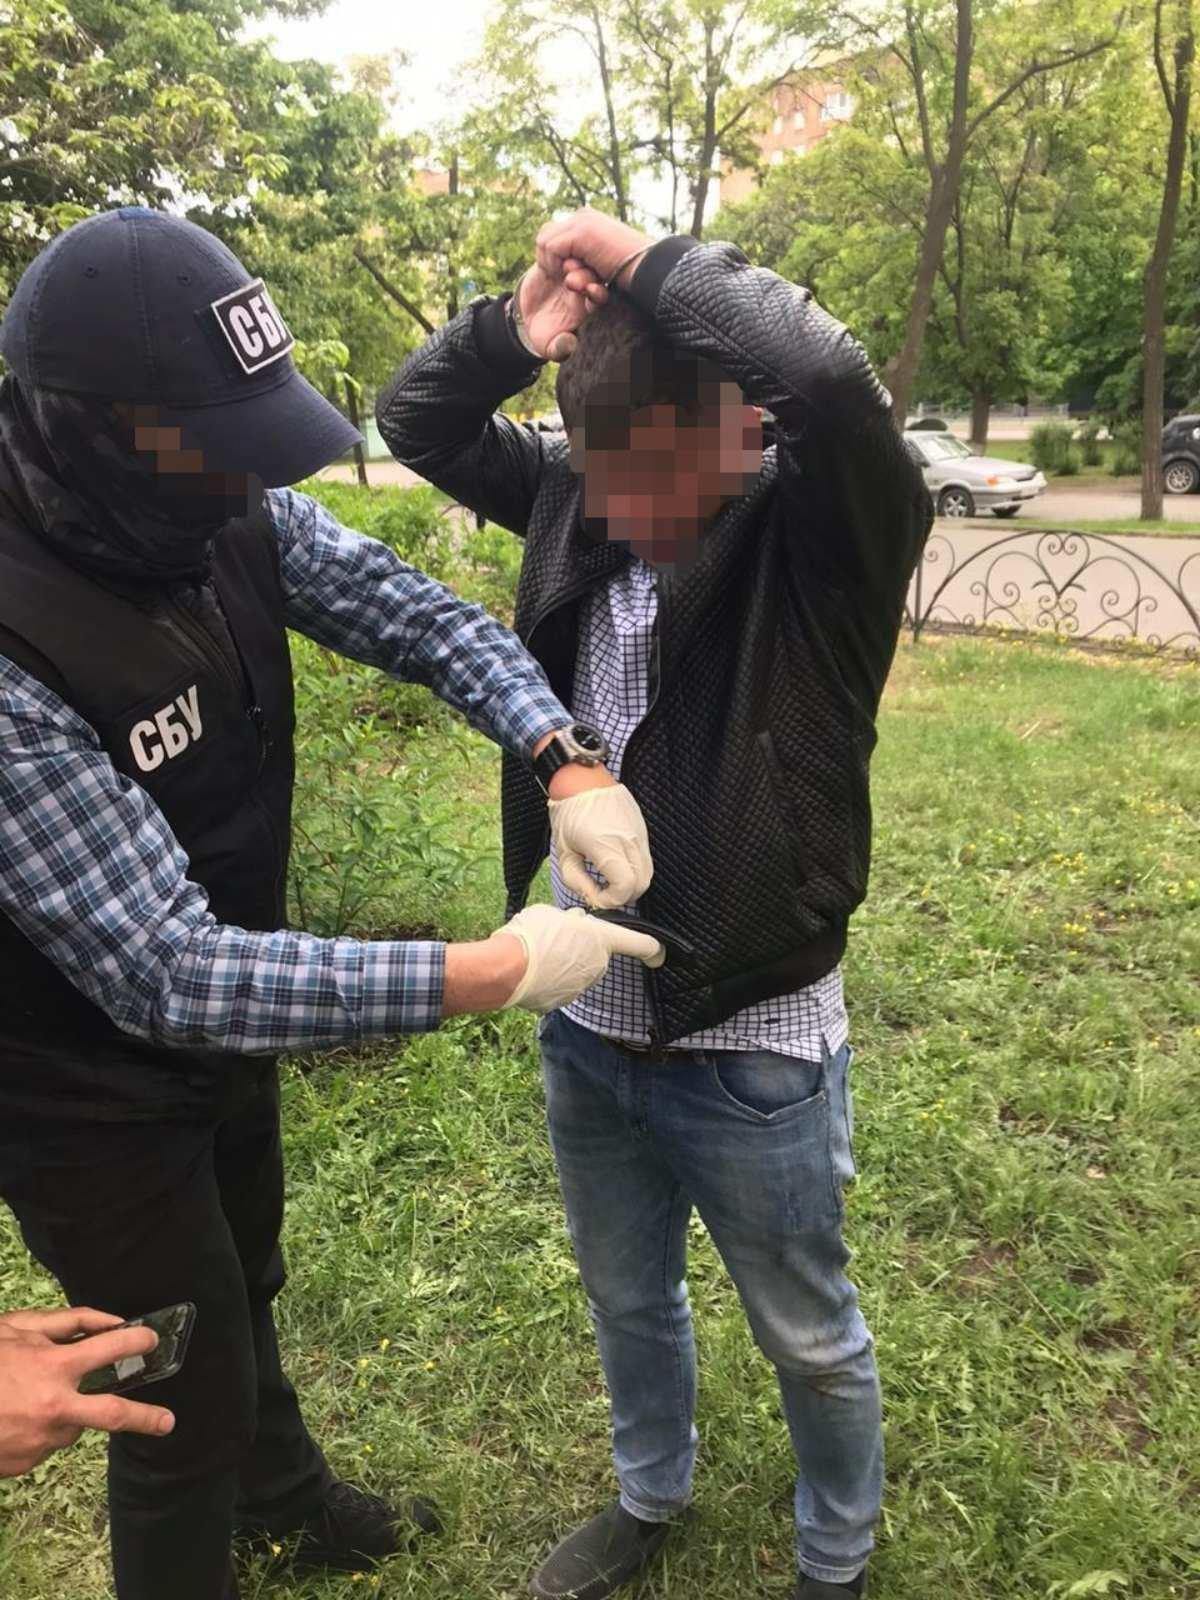 СБУ затримали чергового посадовця за вимогу хабаря від бердянських рибаків, фото-3